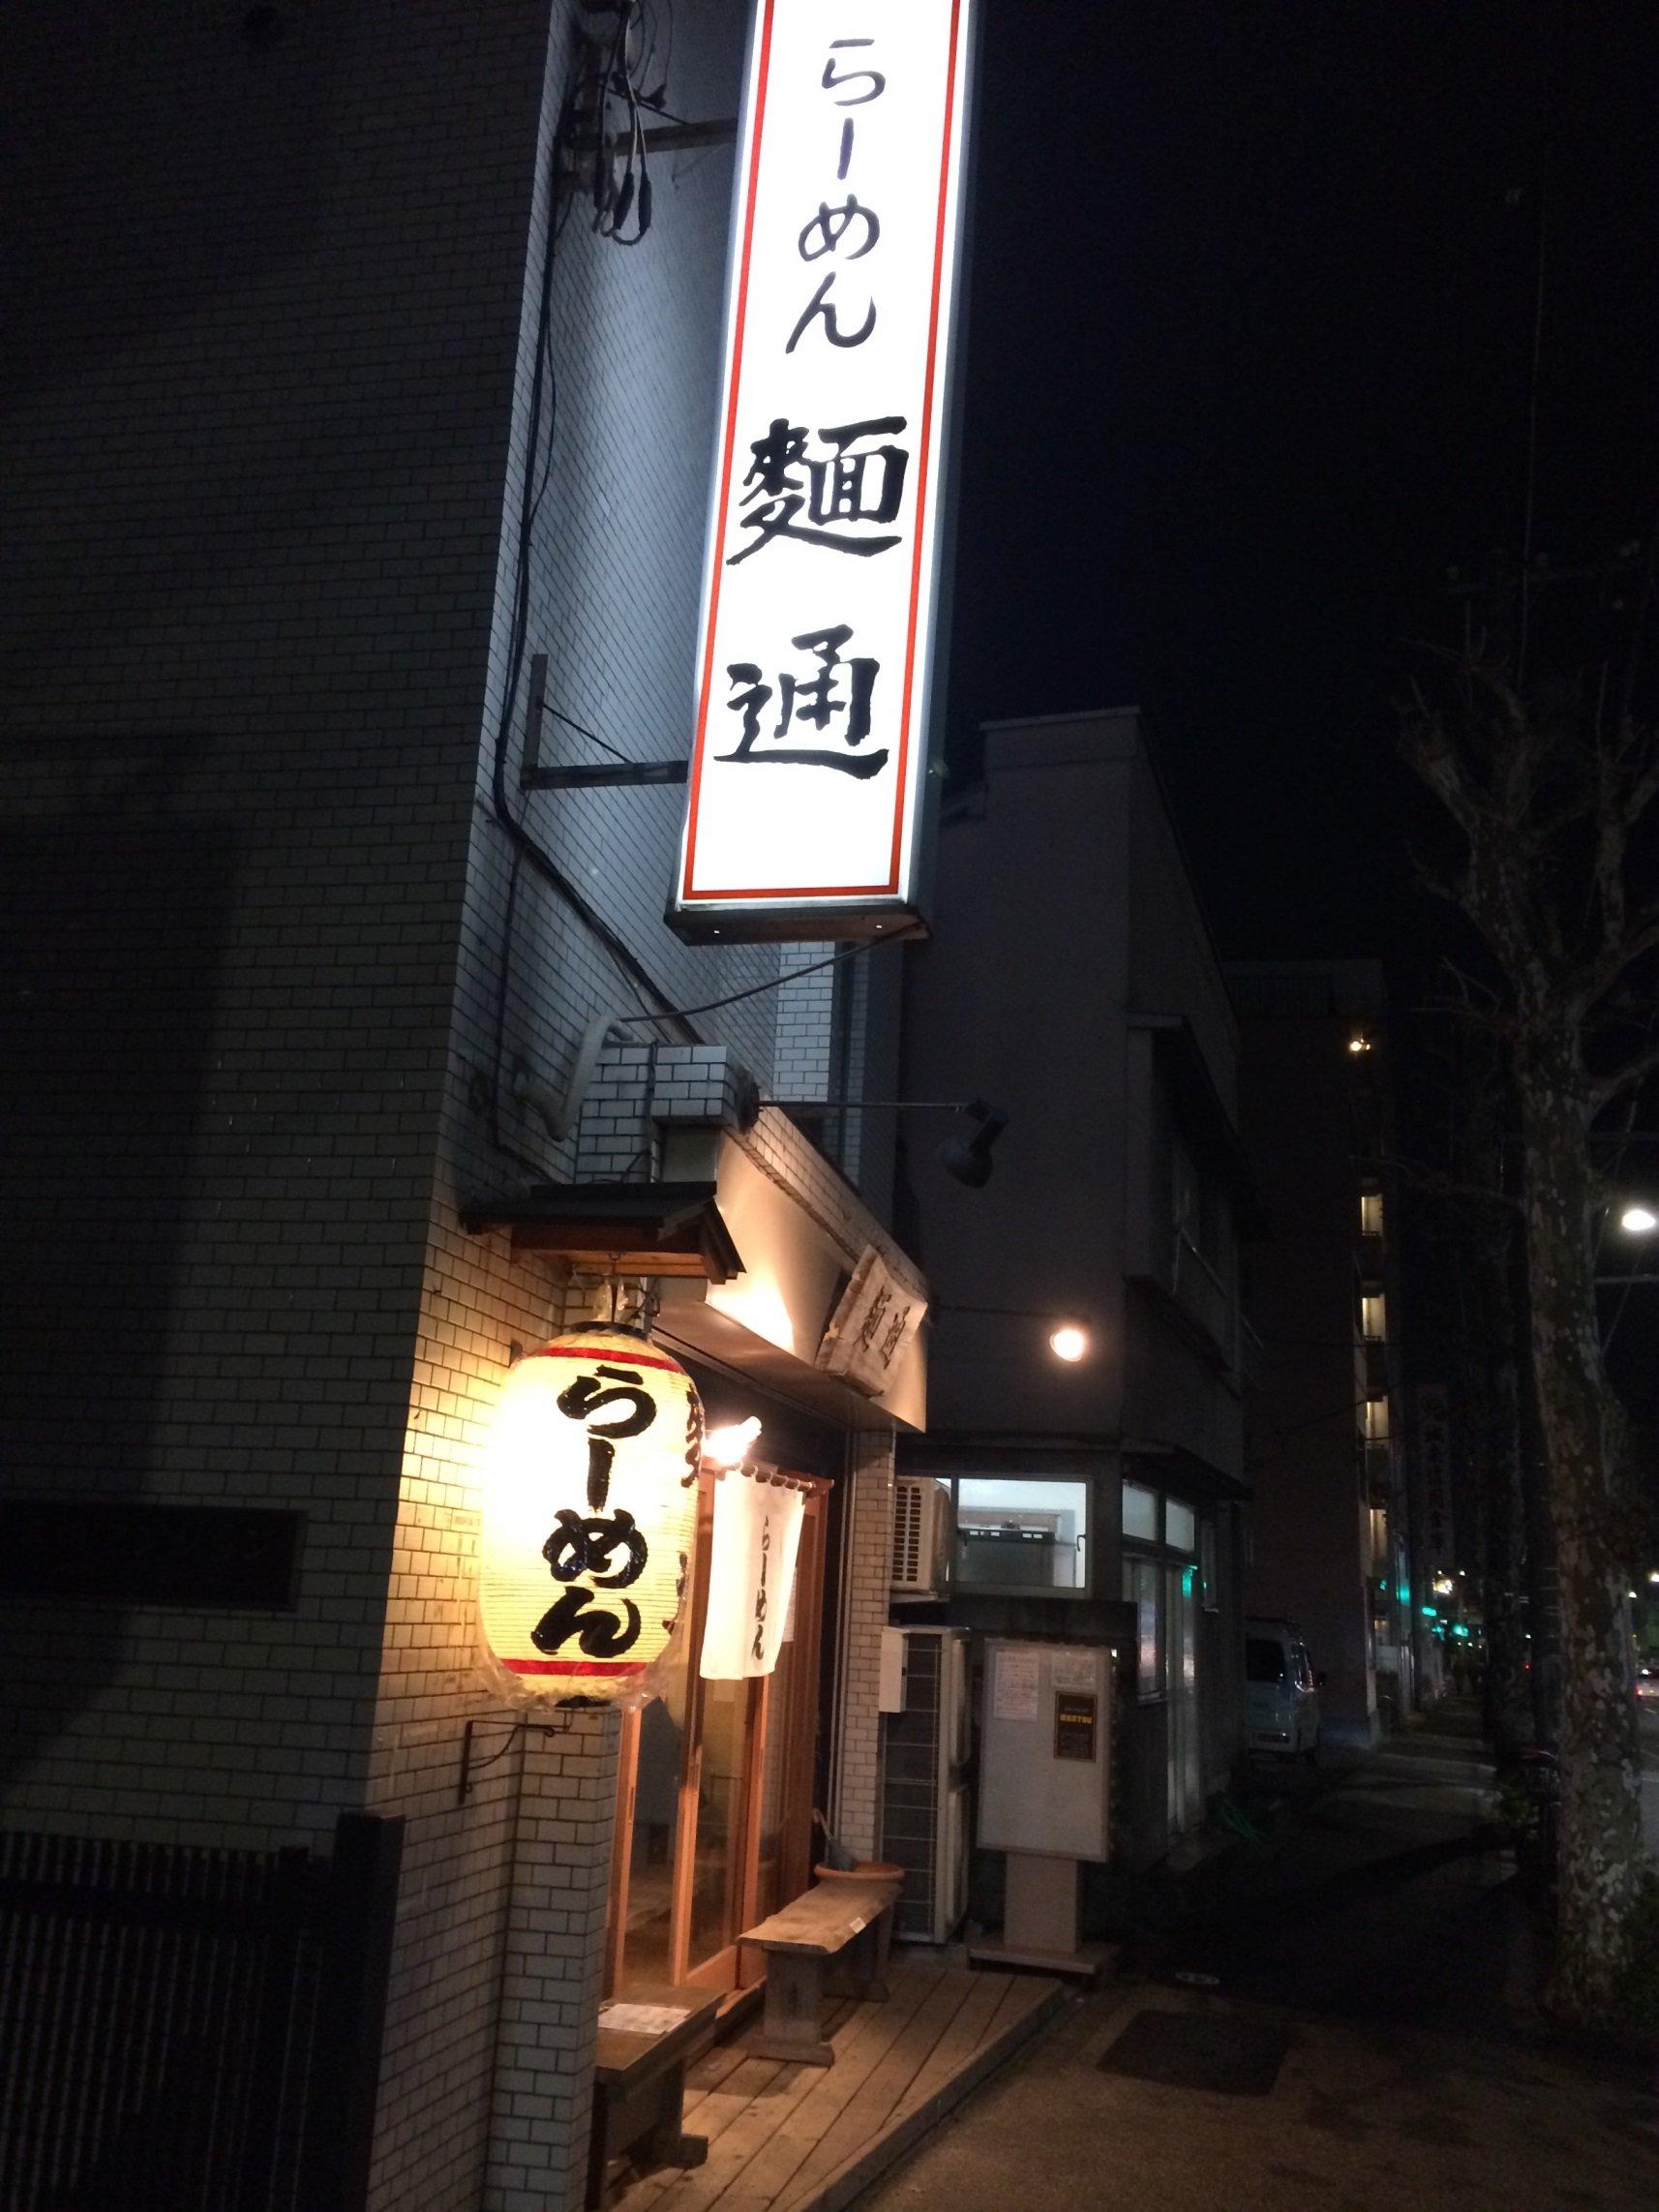 新代田のラーメン屋「麺通」に行ってきました